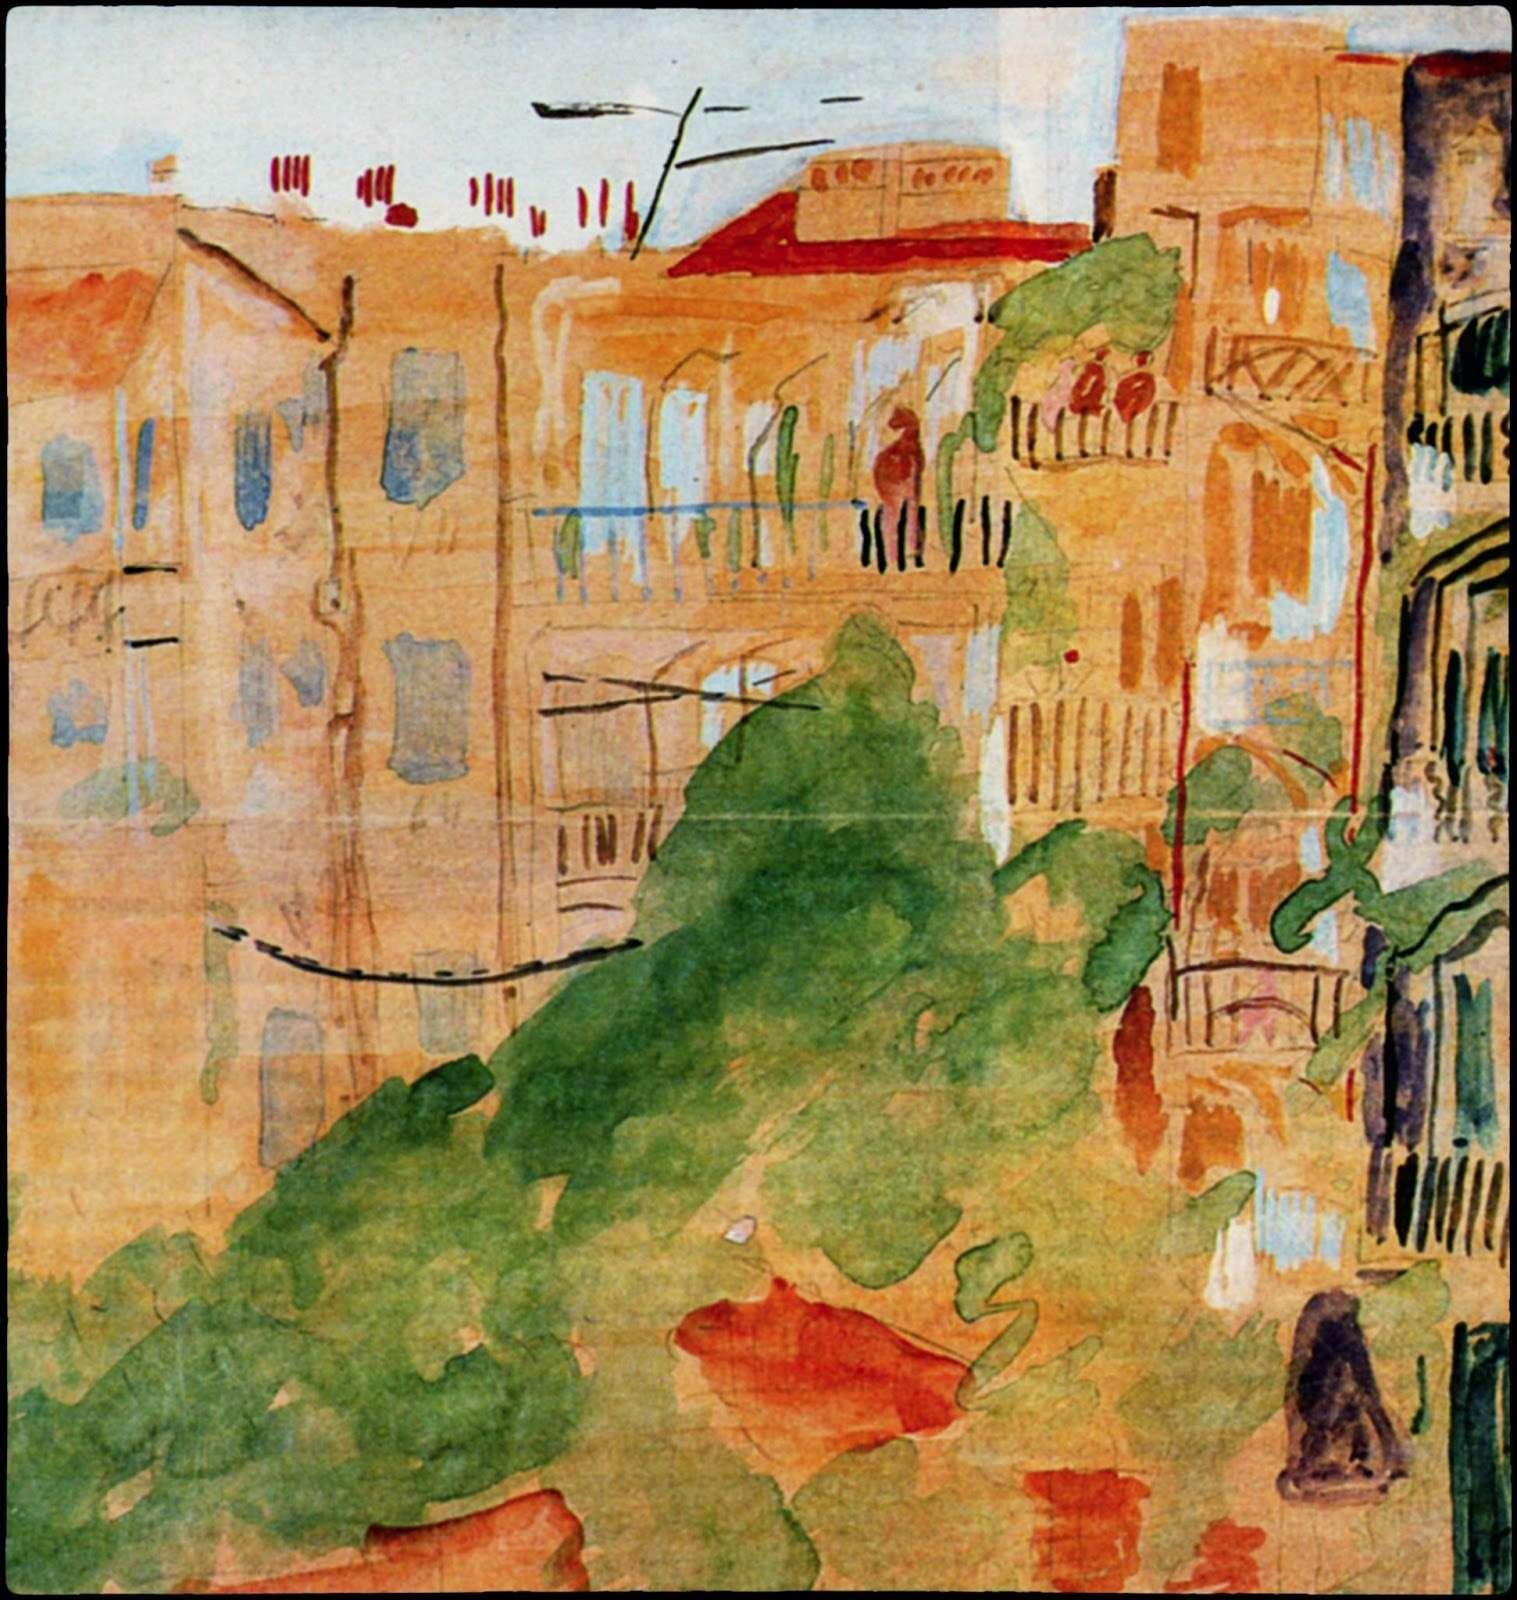 «Θεσσαλονίκη, όπισθεν κατοικιών». Ακουαρέλλα, 1949. Συλλογή Γ. Ν. Πεντζίκη (φωτ.: Φ. Σαρρή).